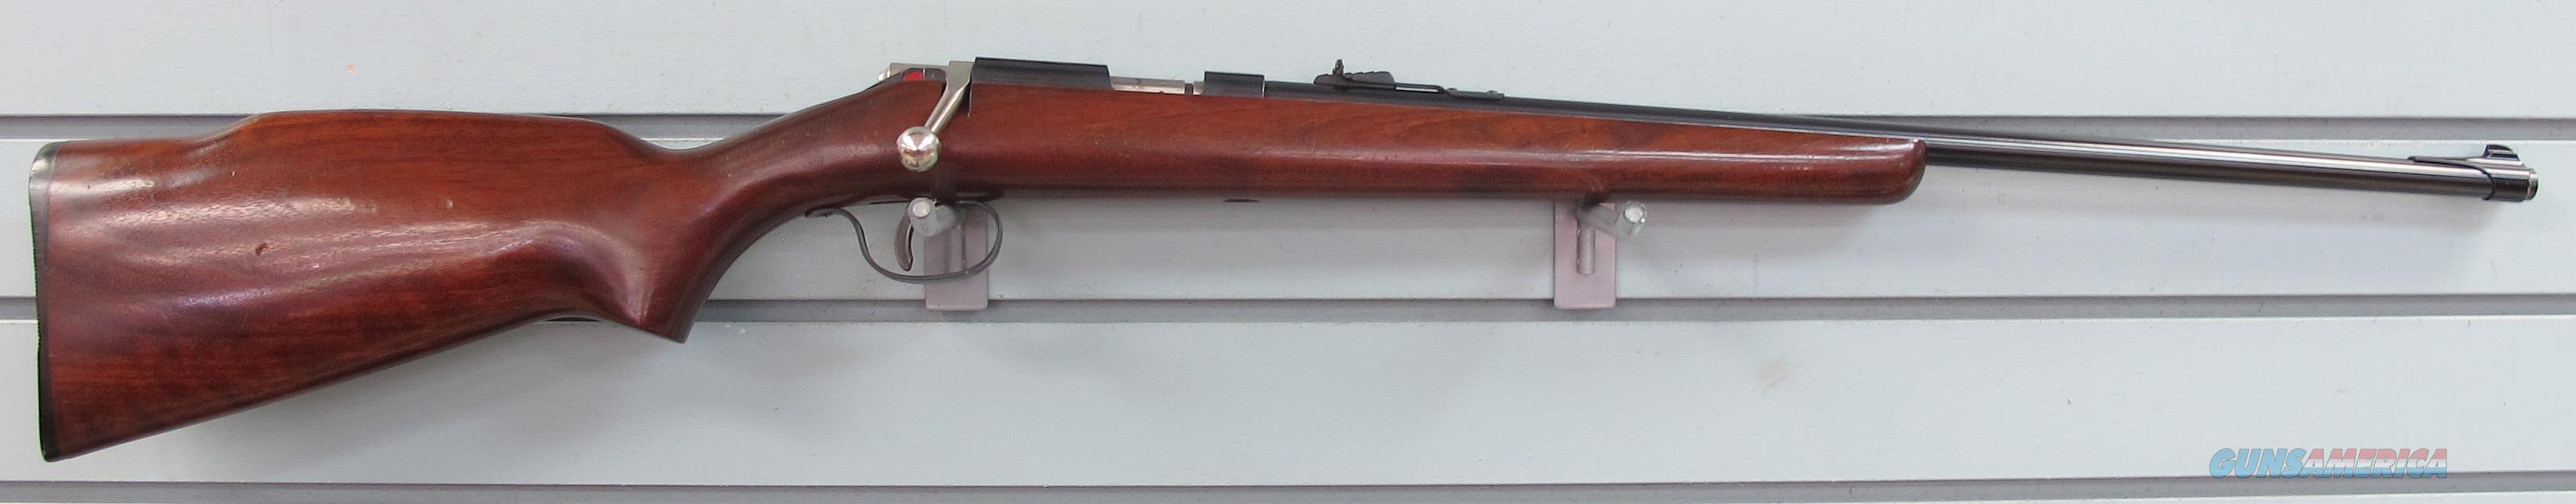 """COLT 22 """"THE COLTEER"""" RIFLE  Guns > Rifles > Colt Rifles - Non-AR15 Modern Rifles"""